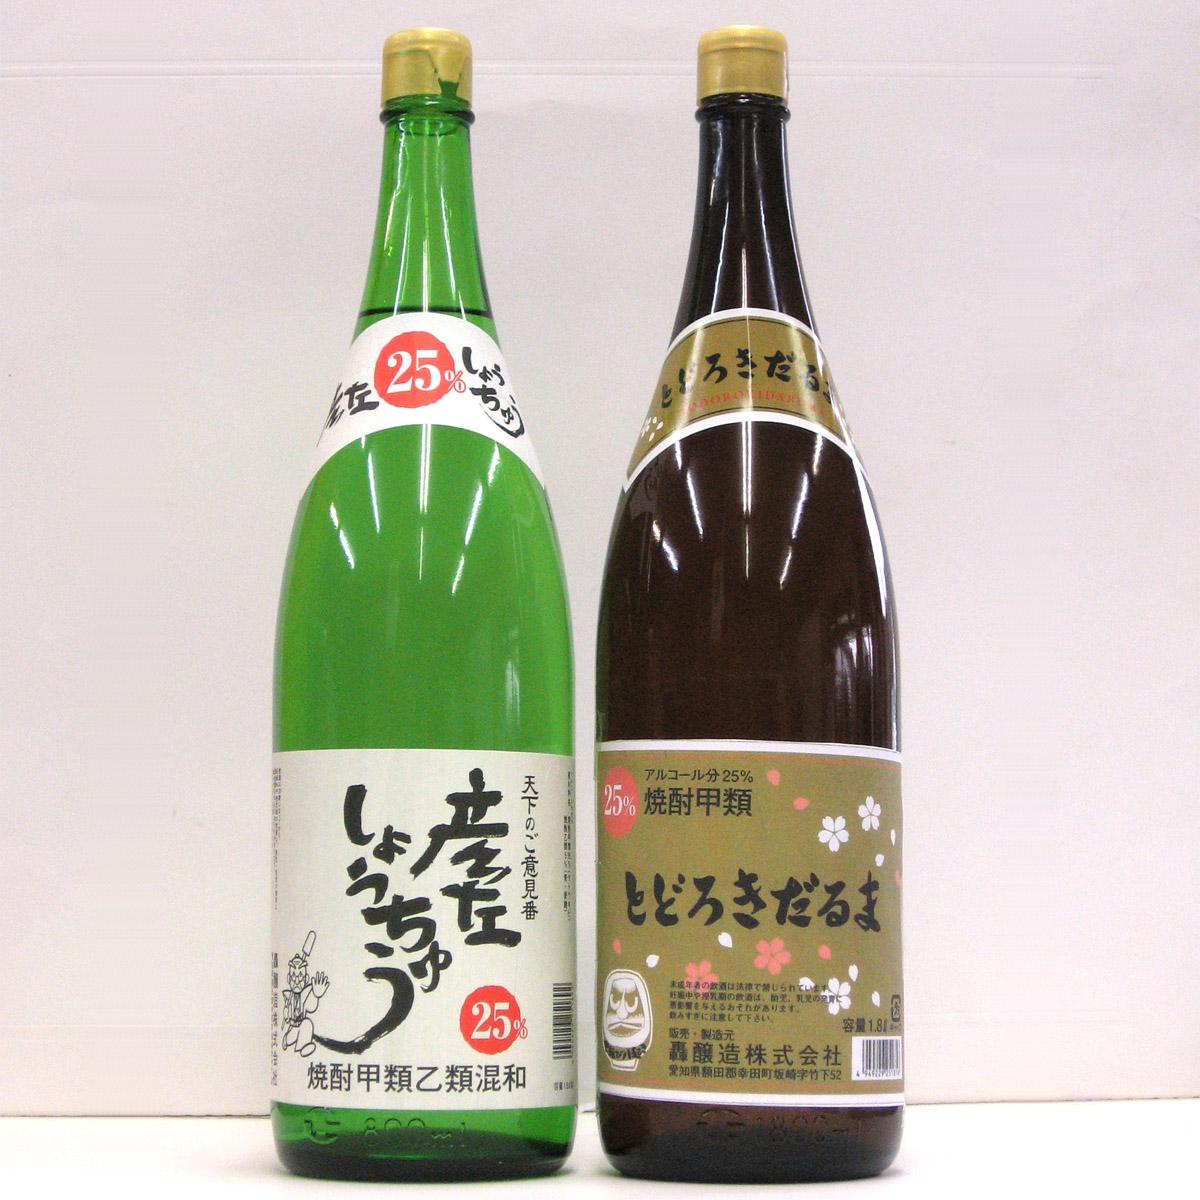 【ふるさと納税】焼酎飲み比べセット 酒 焼酎 2本セット (幸田町寄附管理番号1910)